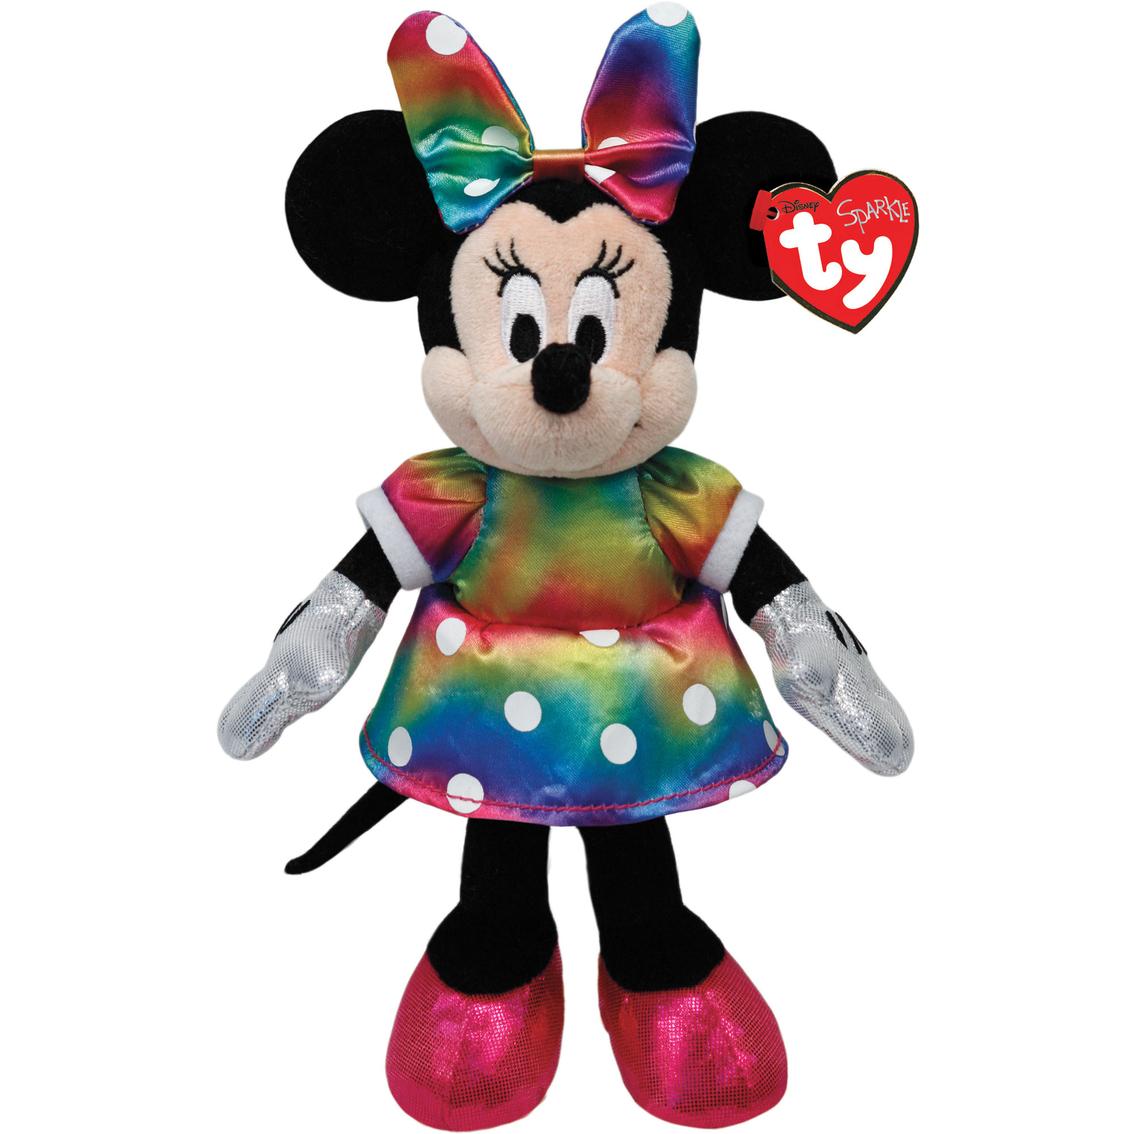 Ty Disney Minnie Mouse Ty Dye Sparkle Plush Toy Stuffed